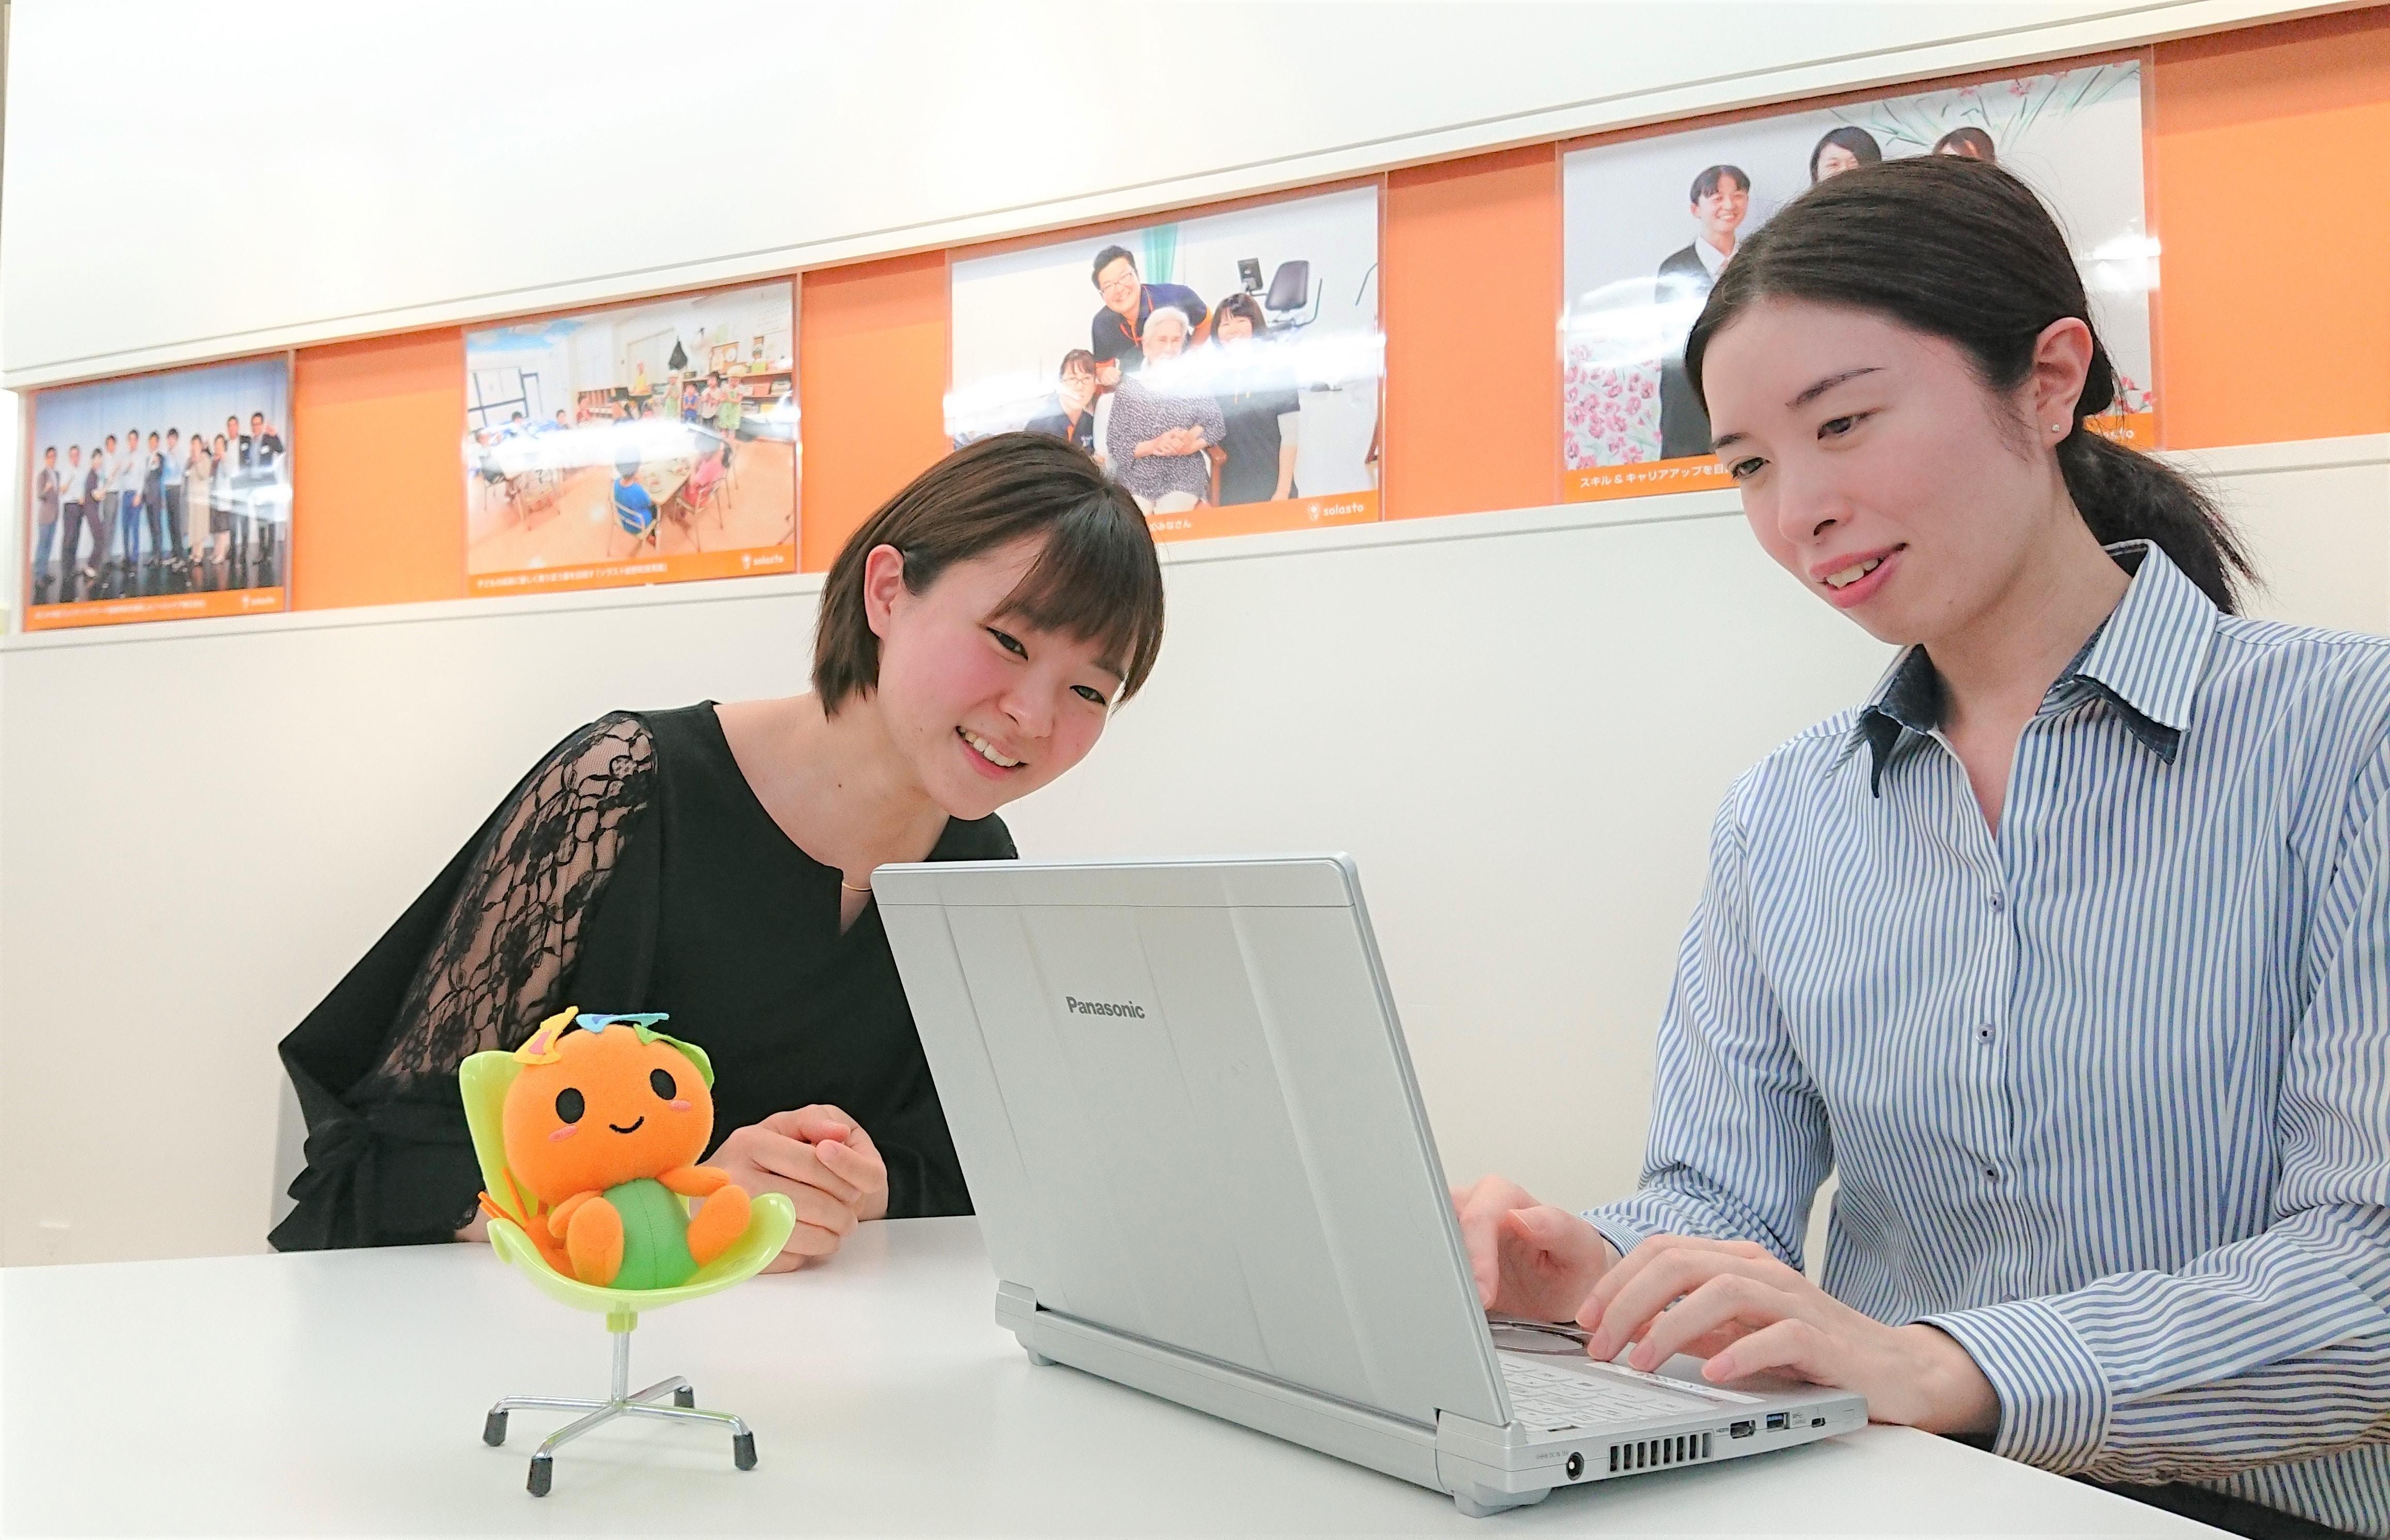 株式会社ソラスト スマートホスピタル開発部(名古屋)の求人画像